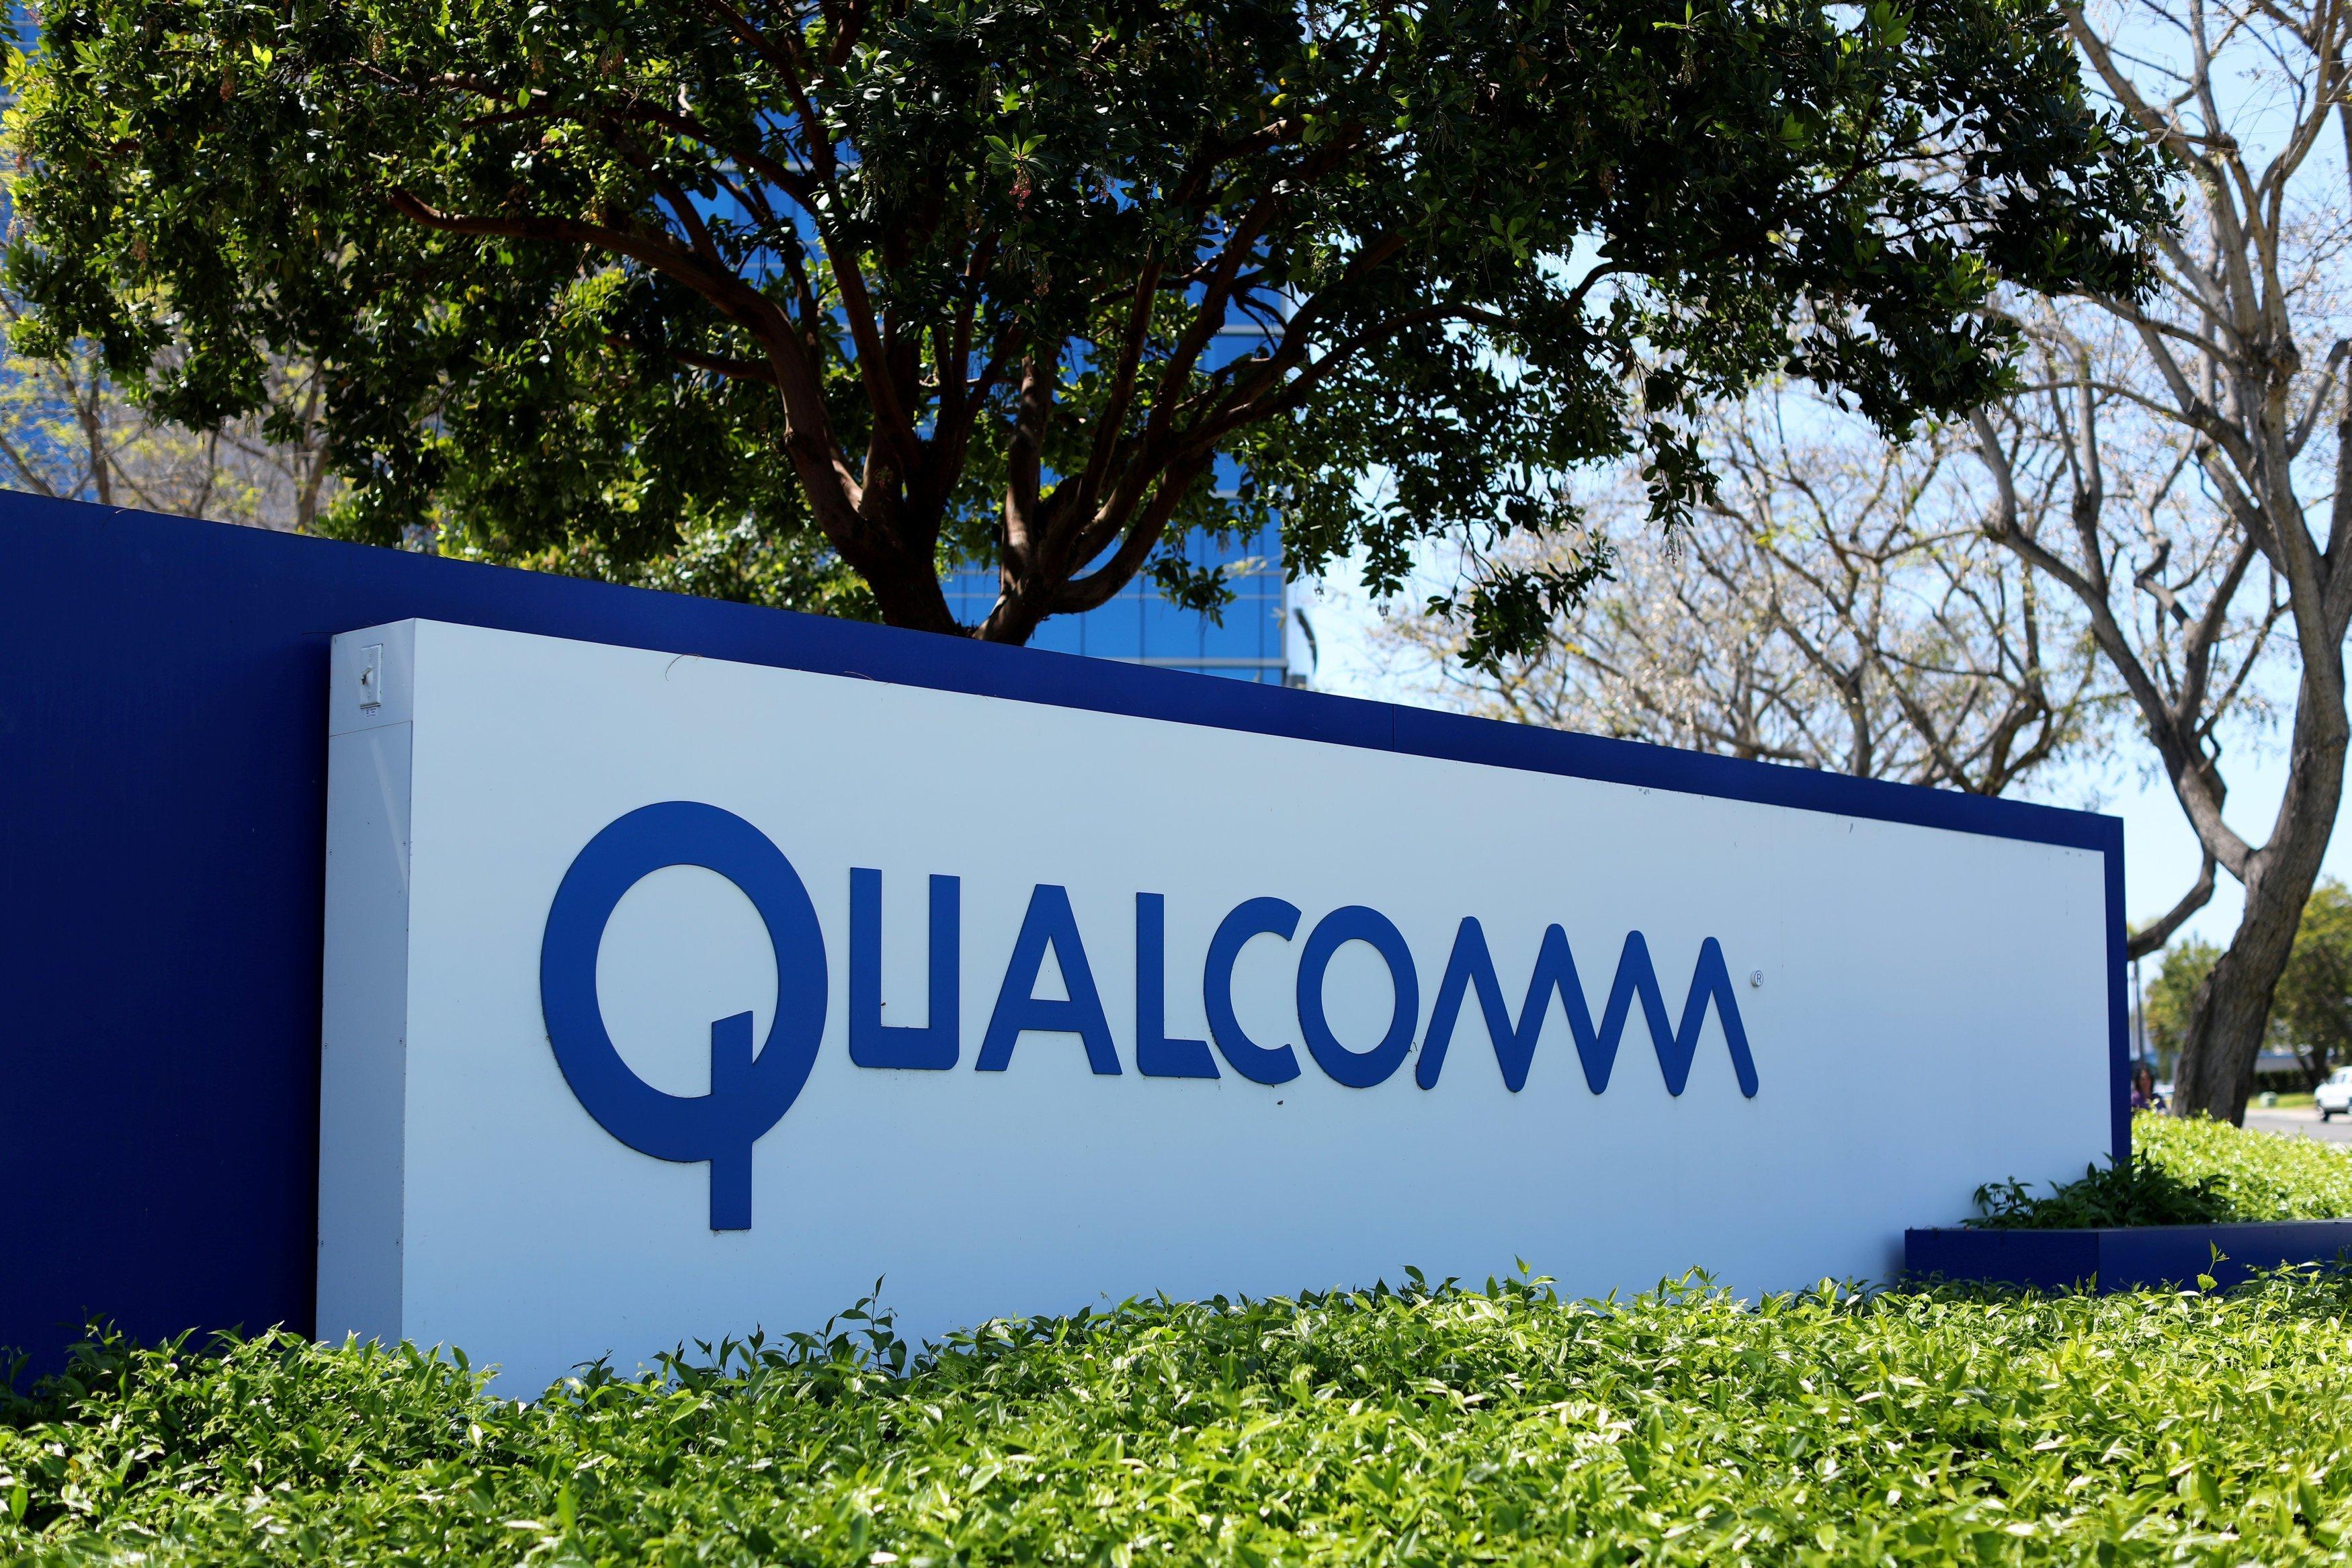 Qualcomm zaplatí 2 miliardy dolarů za nepovedený nákup společnosti NXP